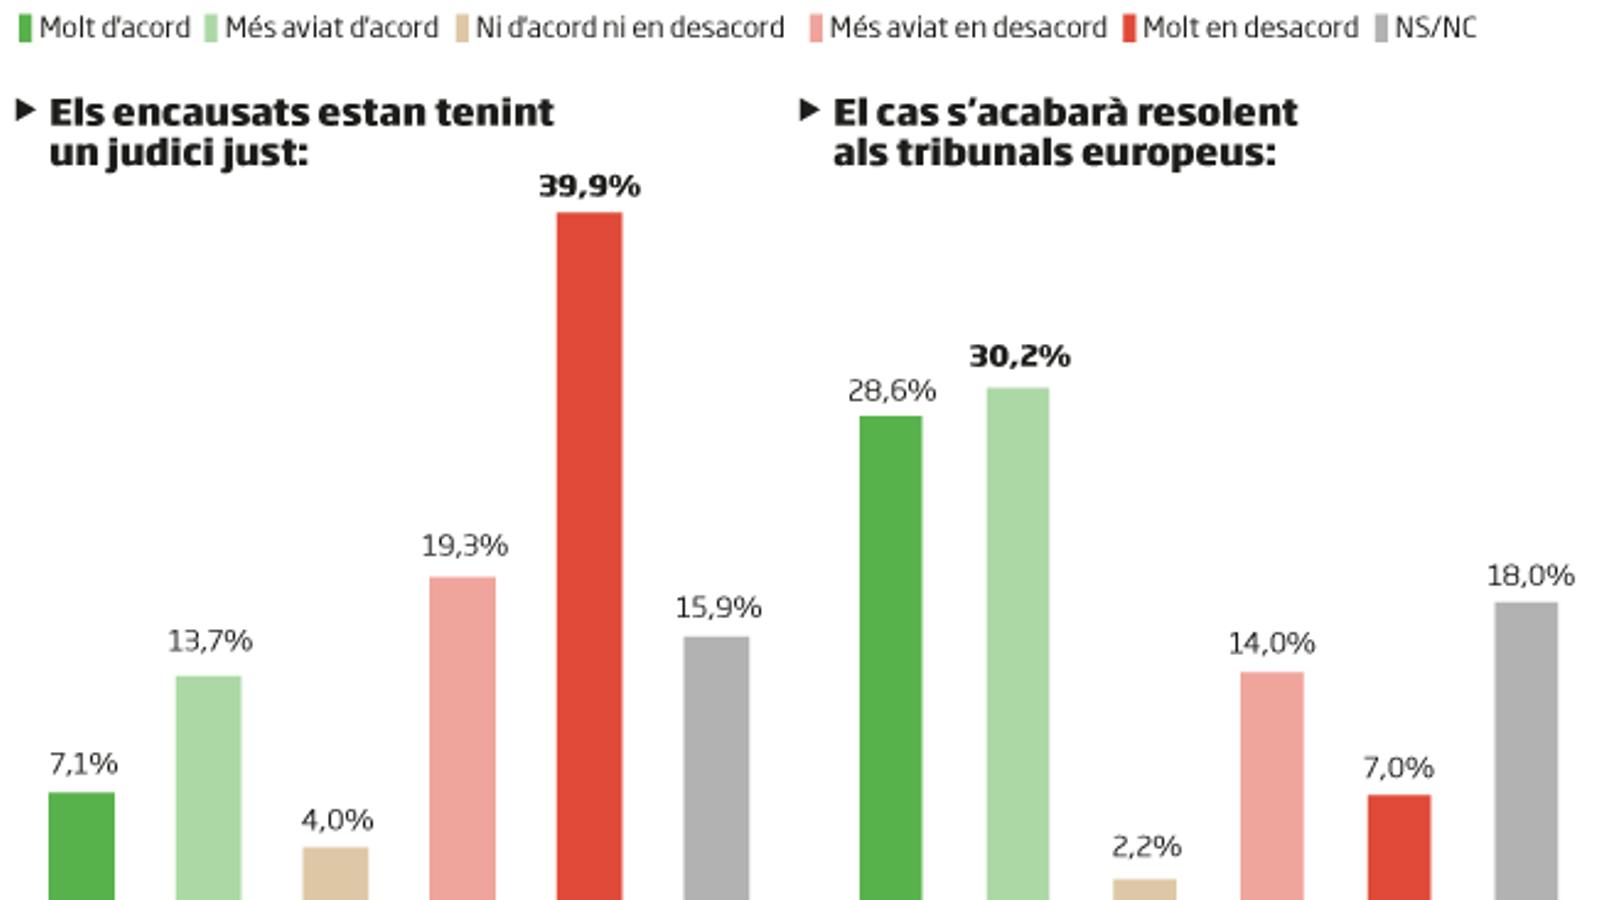 El 58,8% dels catalans opinen que el cas contra el Procés es resoldrà a Europa